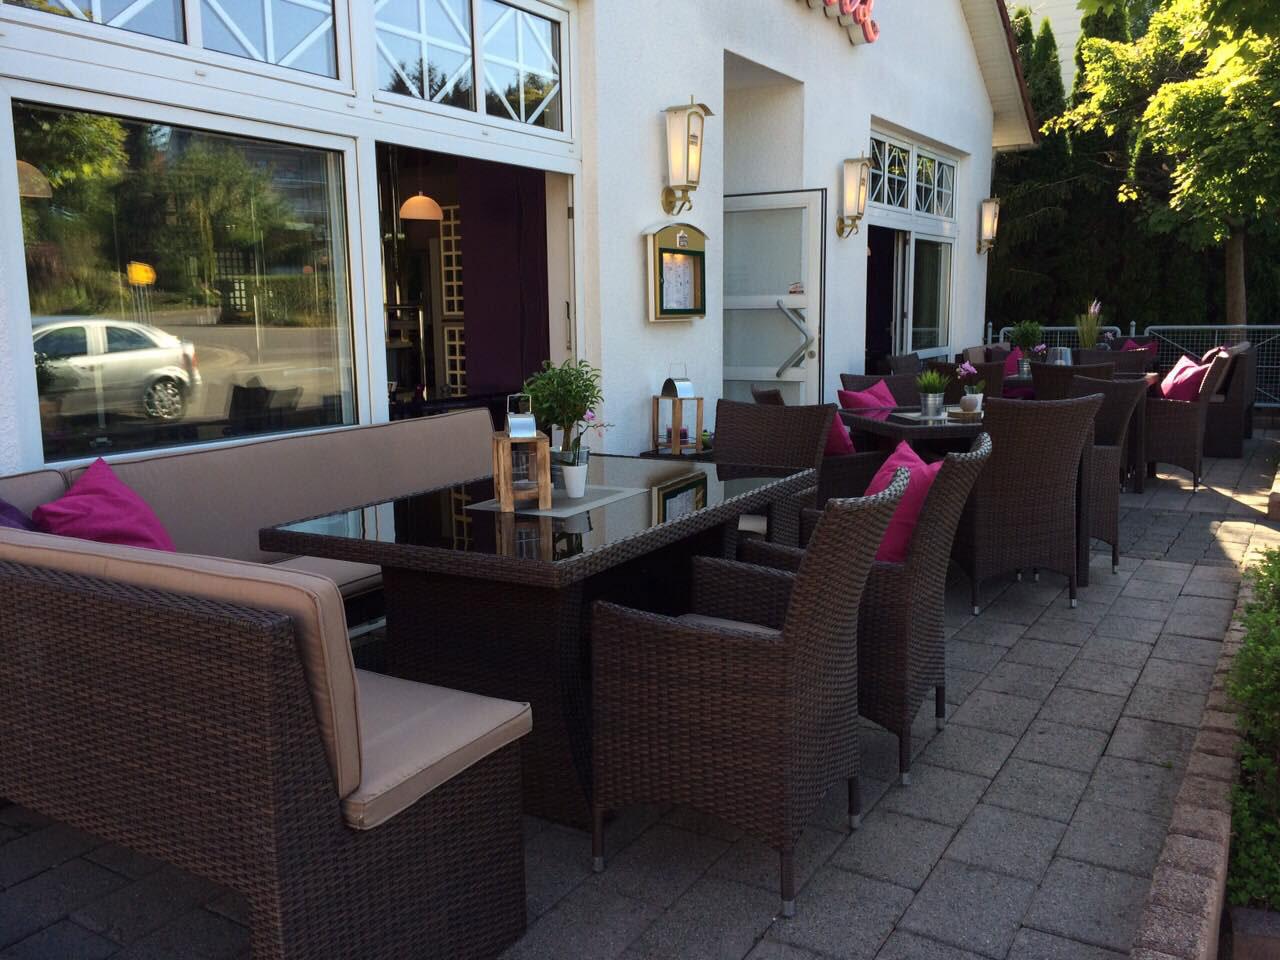 nudelholz lebach 02 nudelholz lebachnudelholz lebach. Black Bedroom Furniture Sets. Home Design Ideas